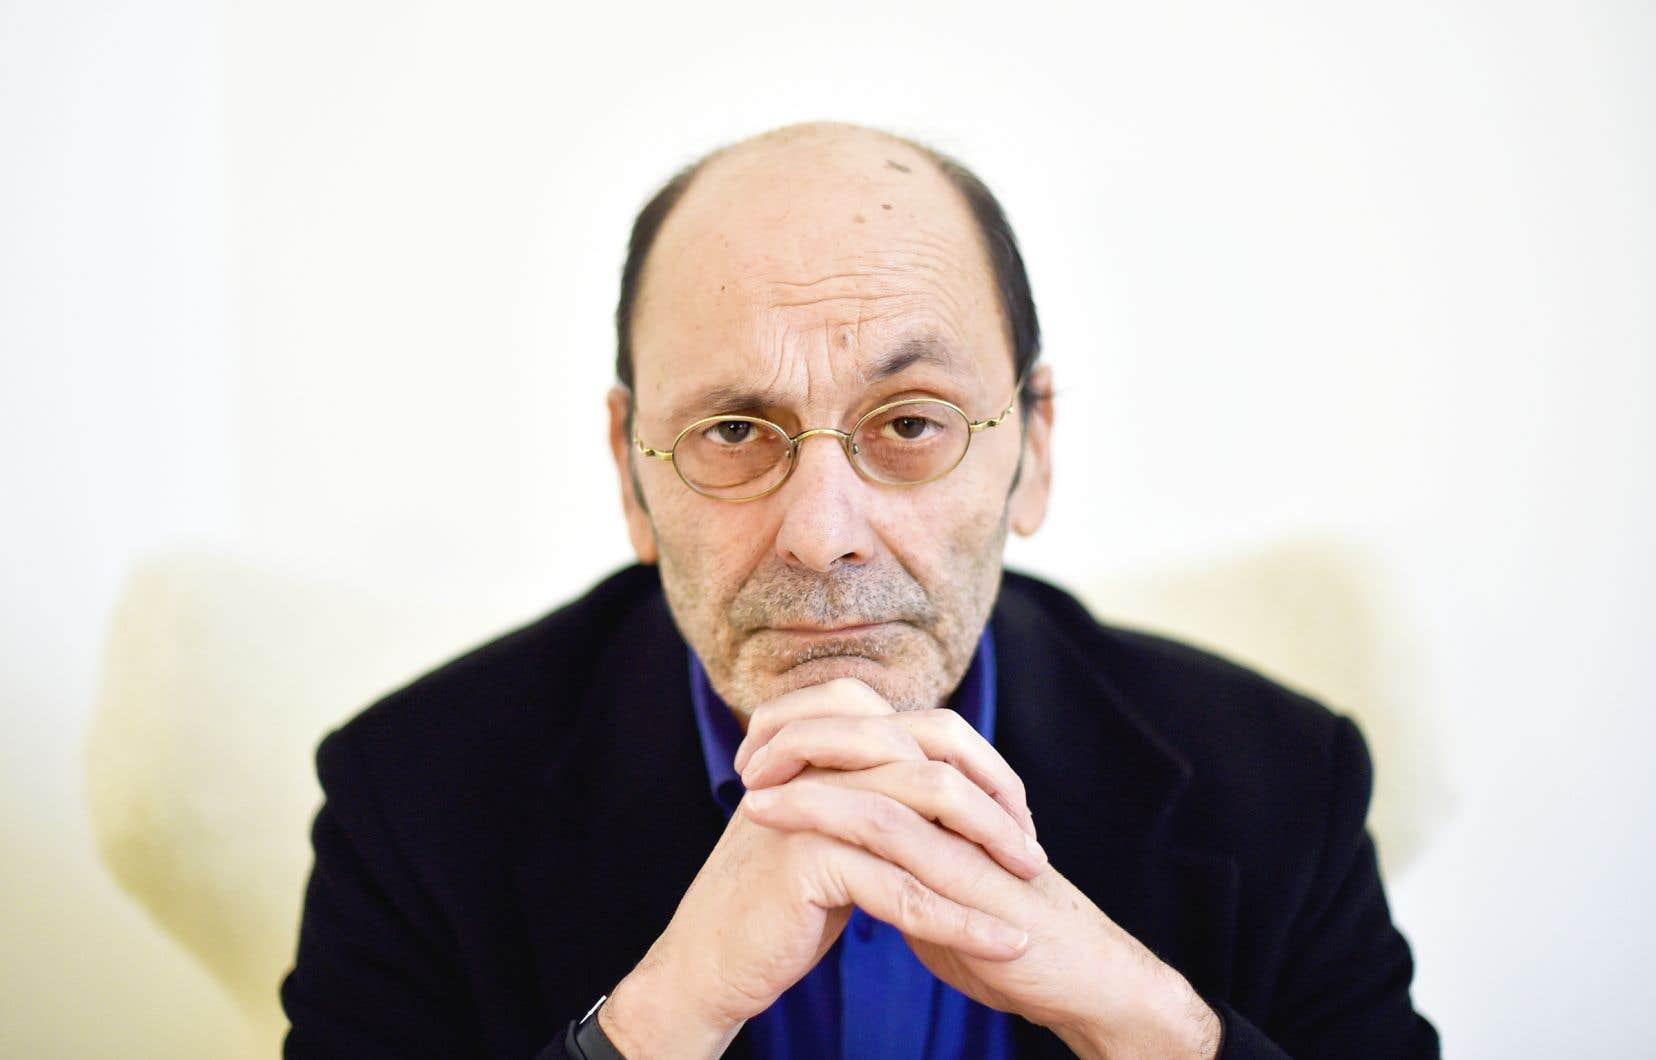 Figure du théâtre et du cinéma français, Jean-Pierre Bacri occupait une place de choix auprès du public pour ses rôles d'antihéros râleurs et désabusés, mais profondément humains.